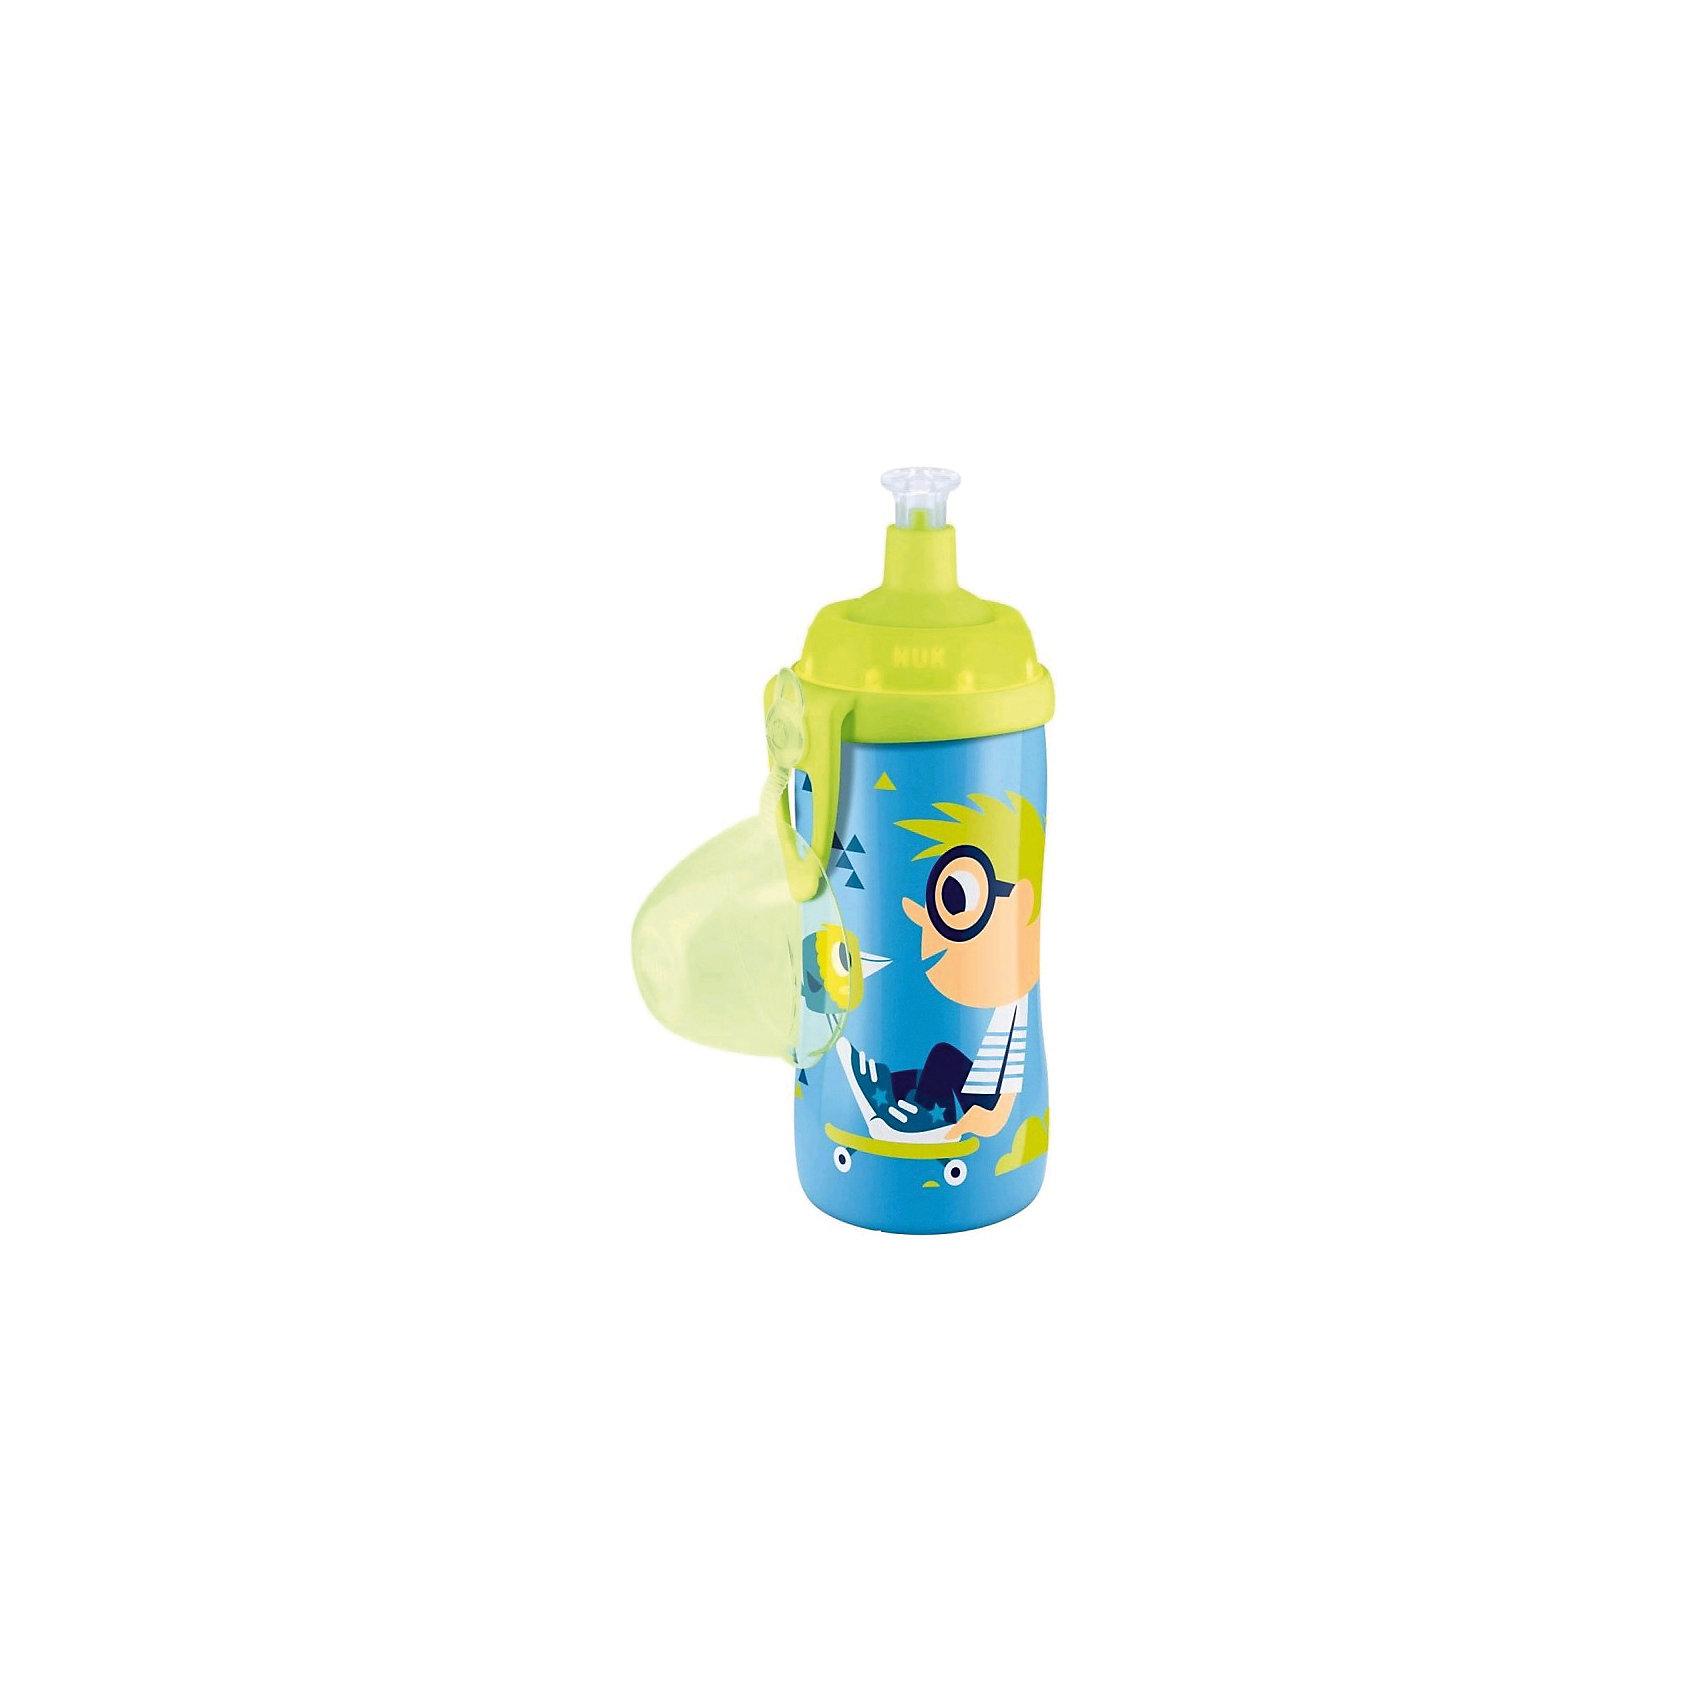 Поильник с насадкой Тяни-Толкай, Мальчик с птичкой, 300 мл., NUK, синий/зеленый